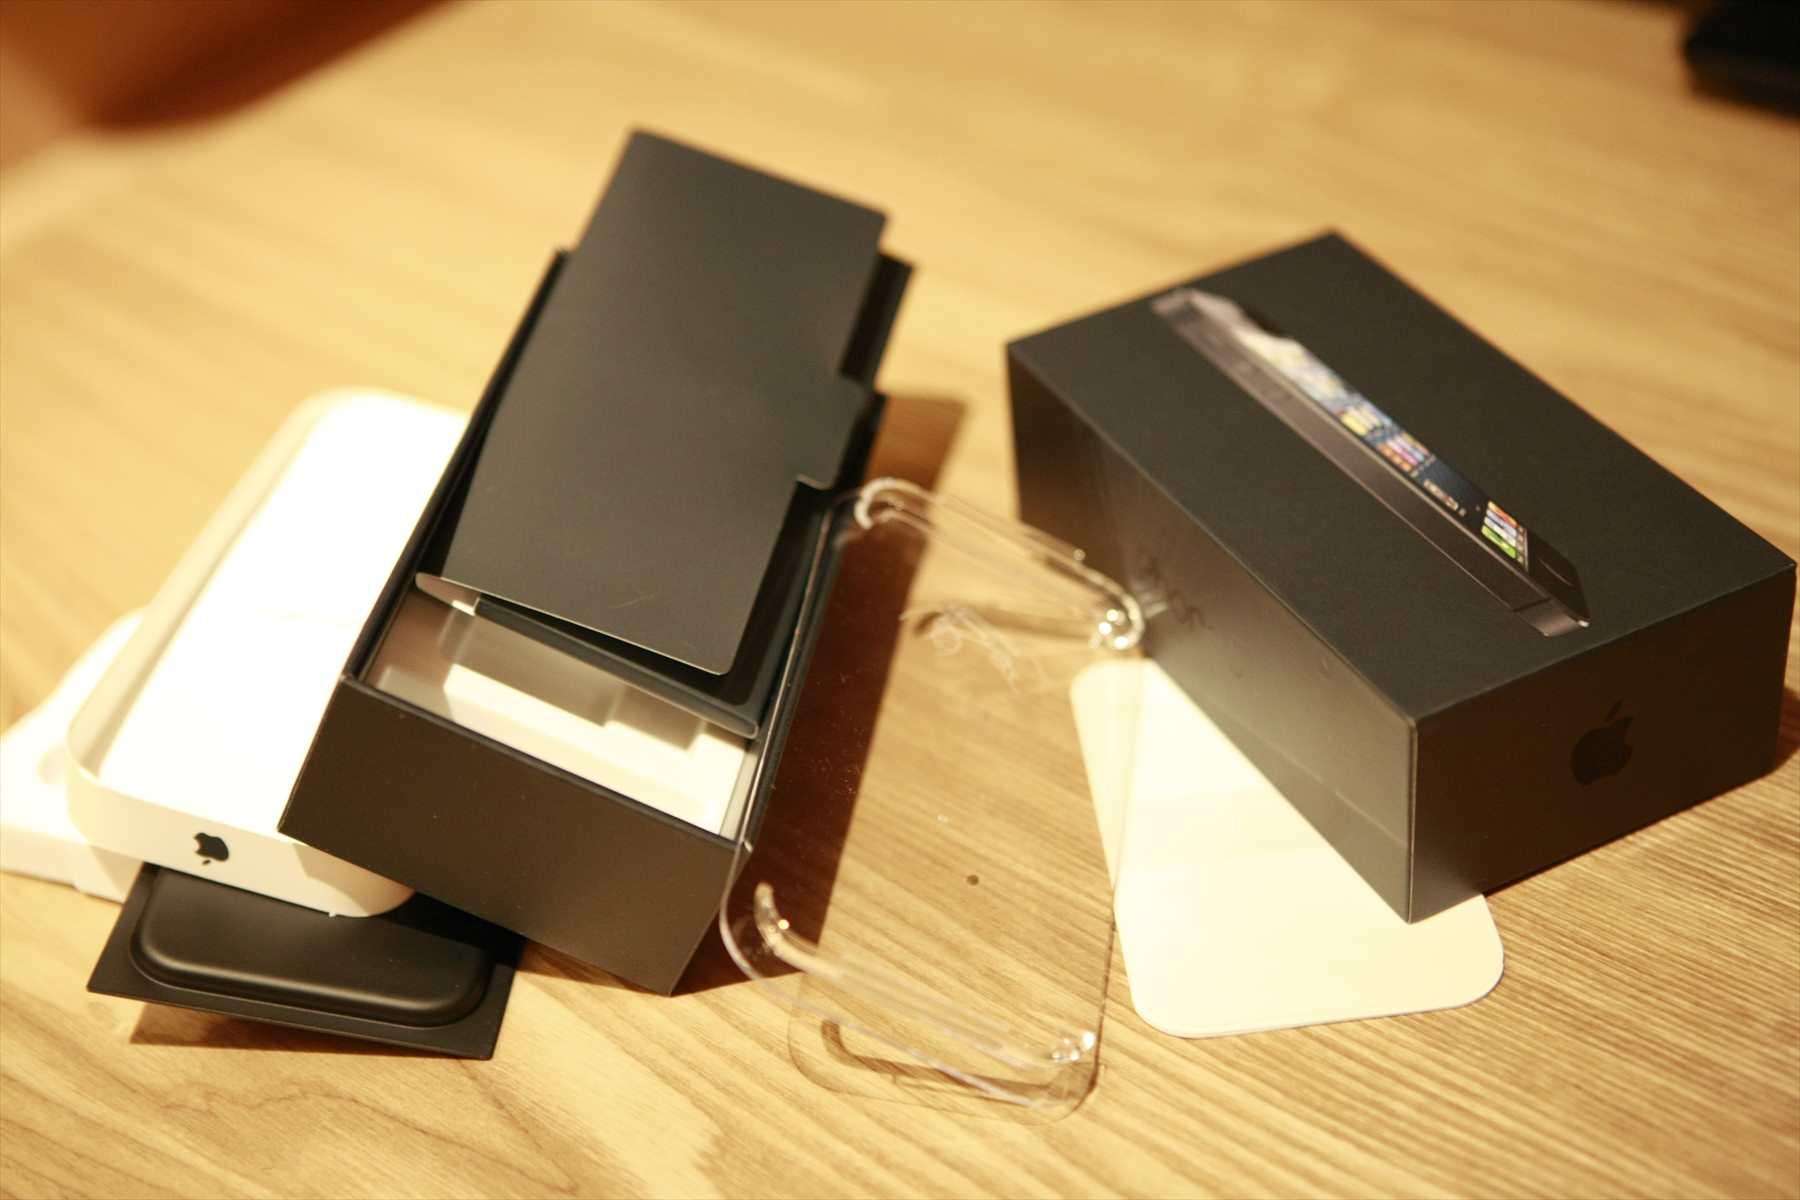 iPhone5とiPhone6、iPhone7で考える喜び